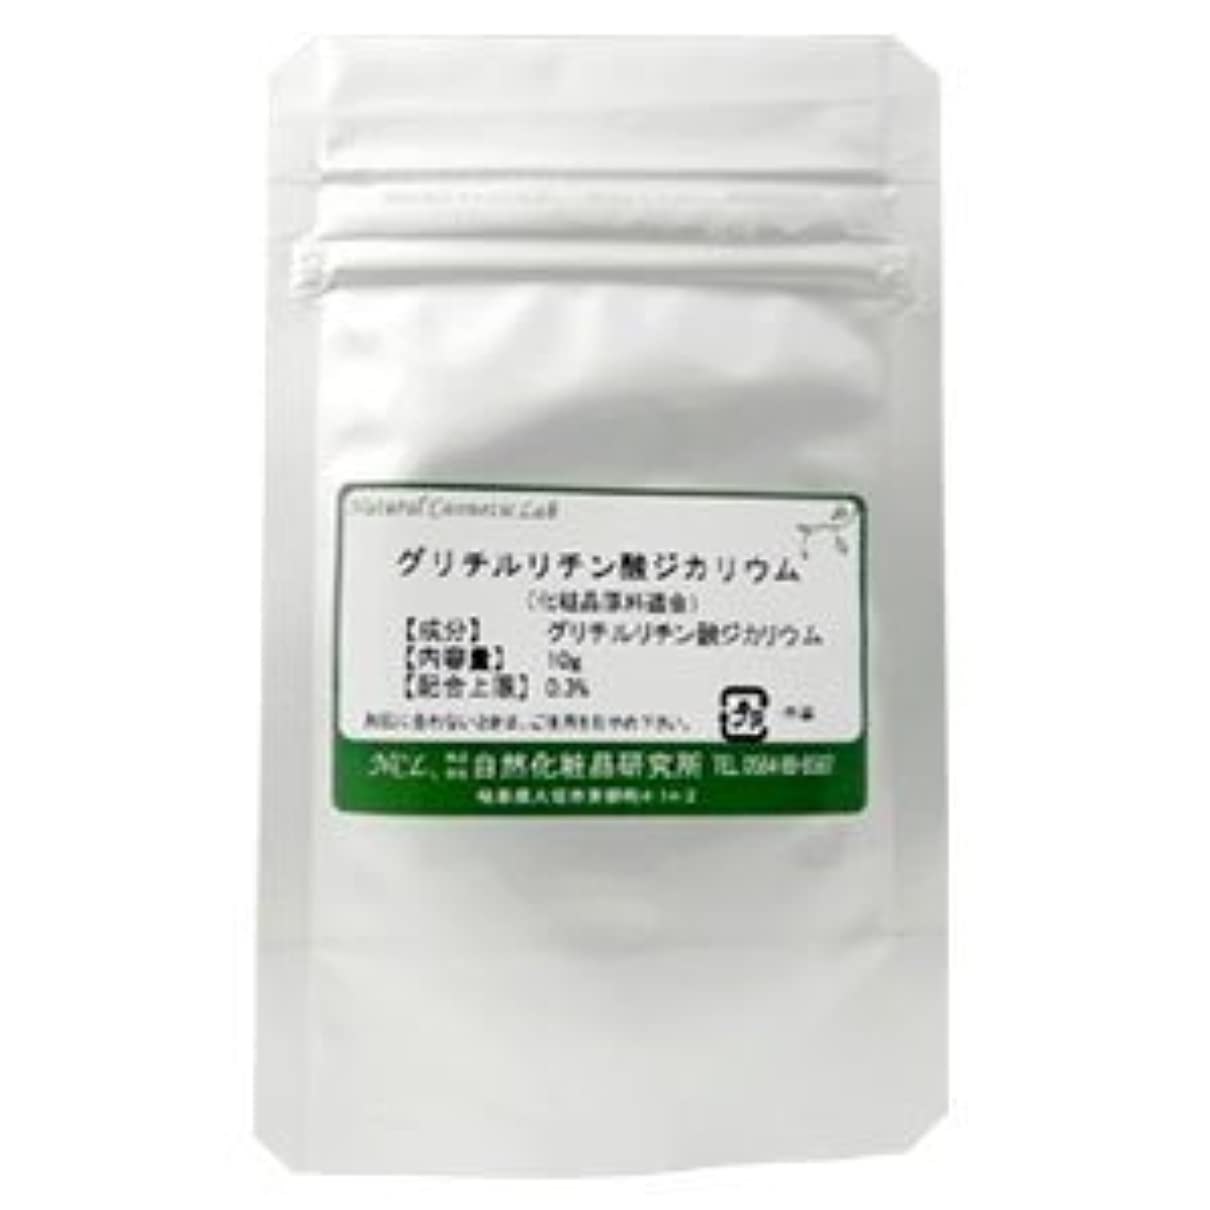 内陸政治家新聞グリチルリチン酸ジカリウム (グリチルリチン酸2K) カンゾウ (甘草) 10g